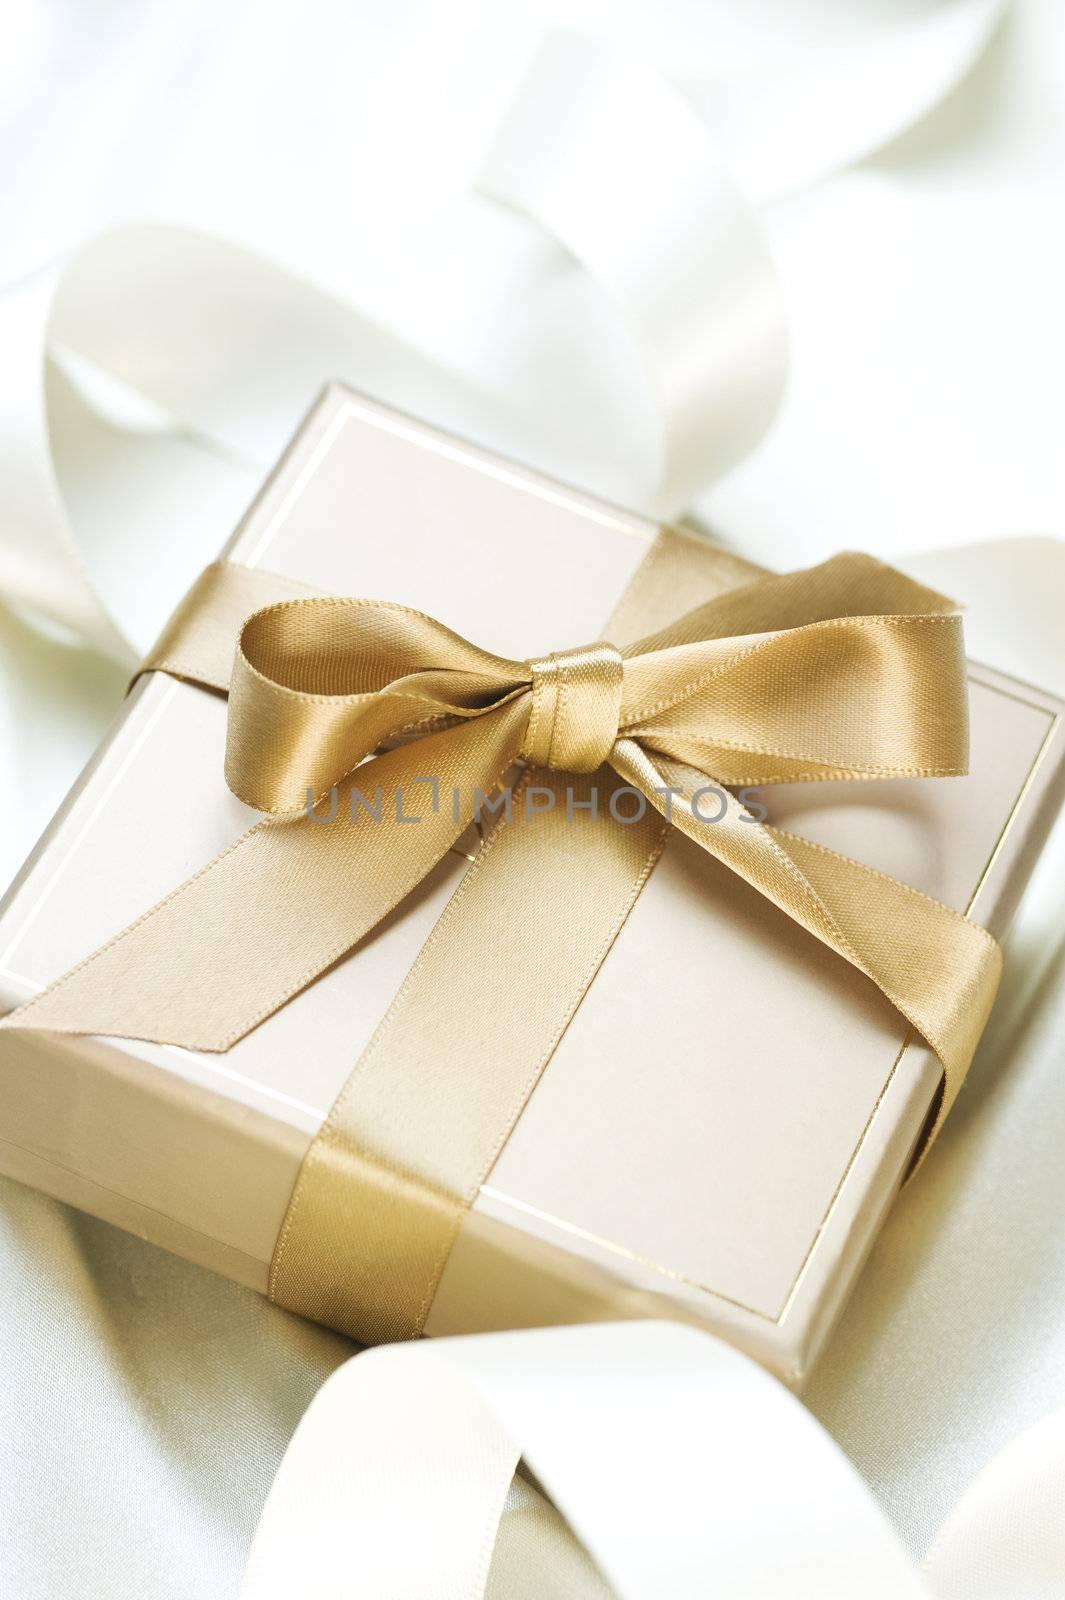 Romantic Gift by SubbotinaA